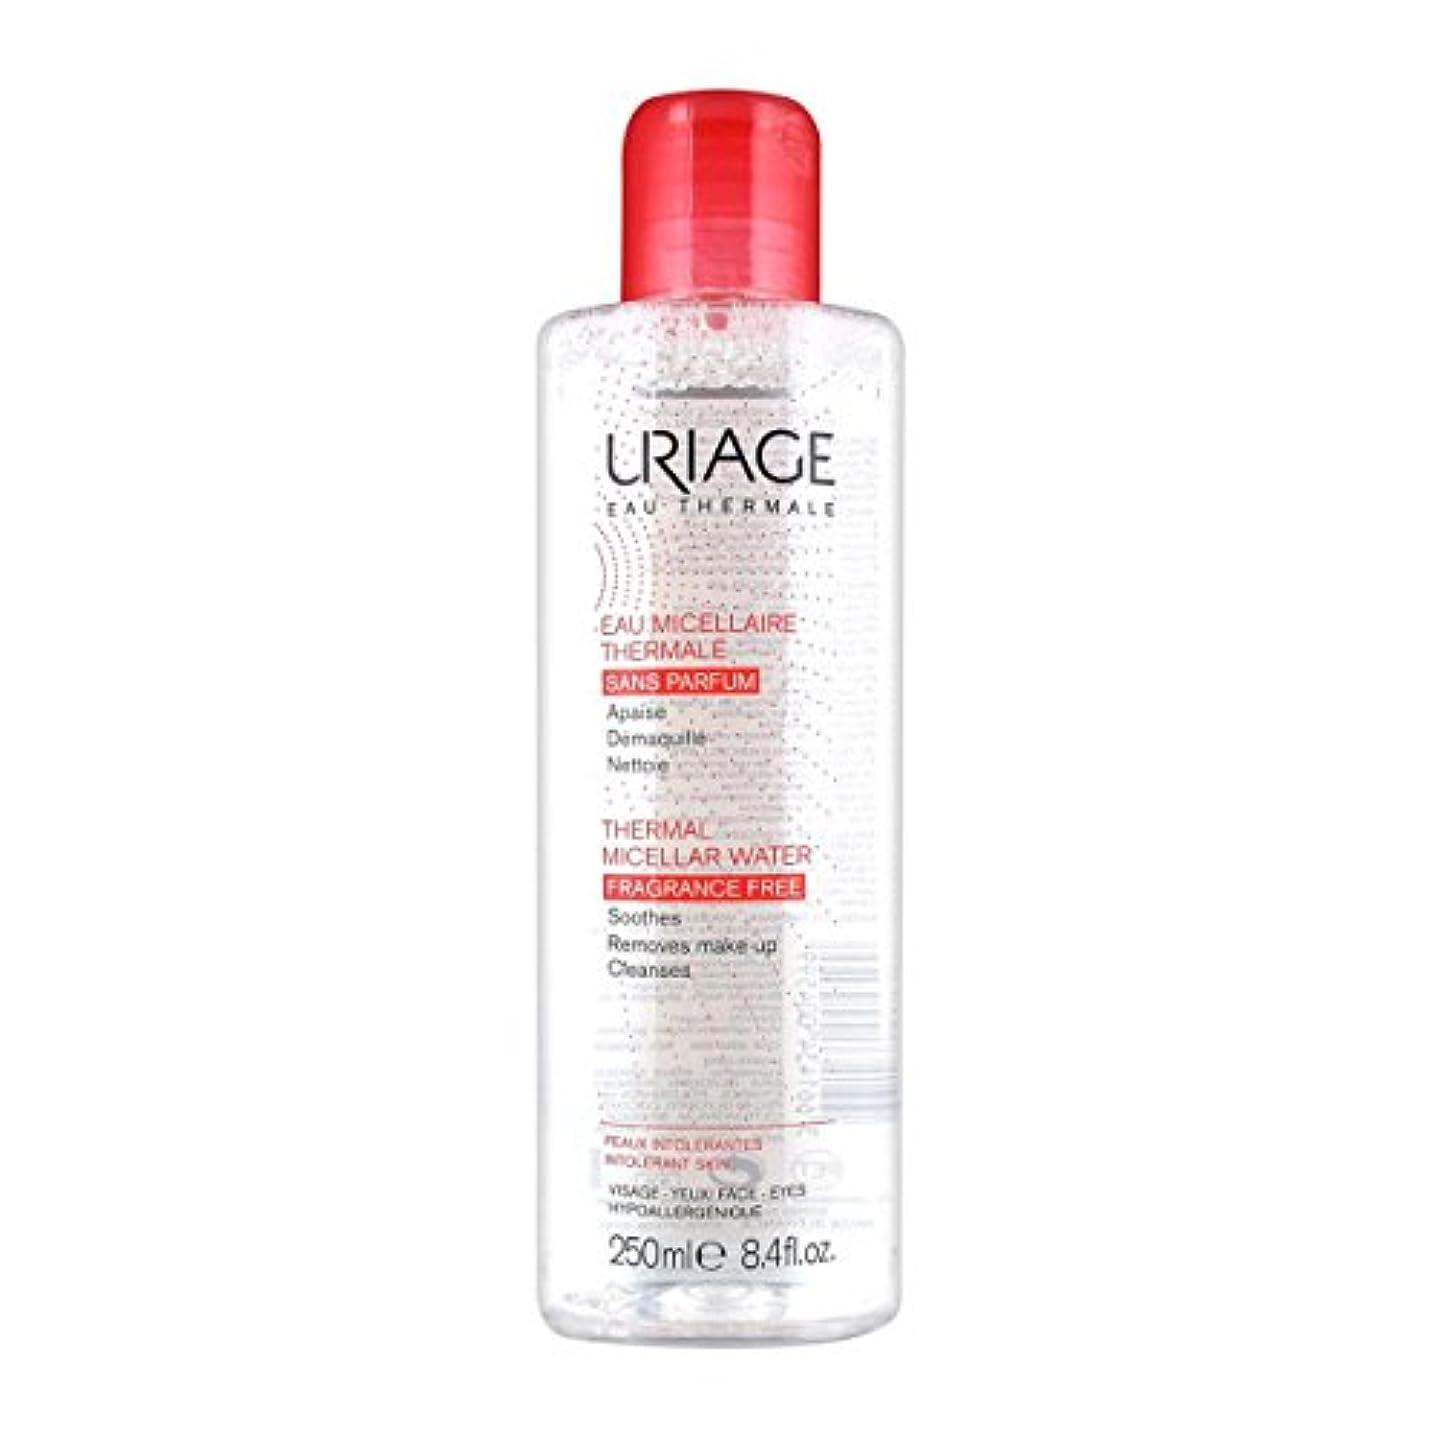 散るディーラースイUriage Thermal Micellar Water Fragrance Free Intolerant Skin 250ml [並行輸入品]